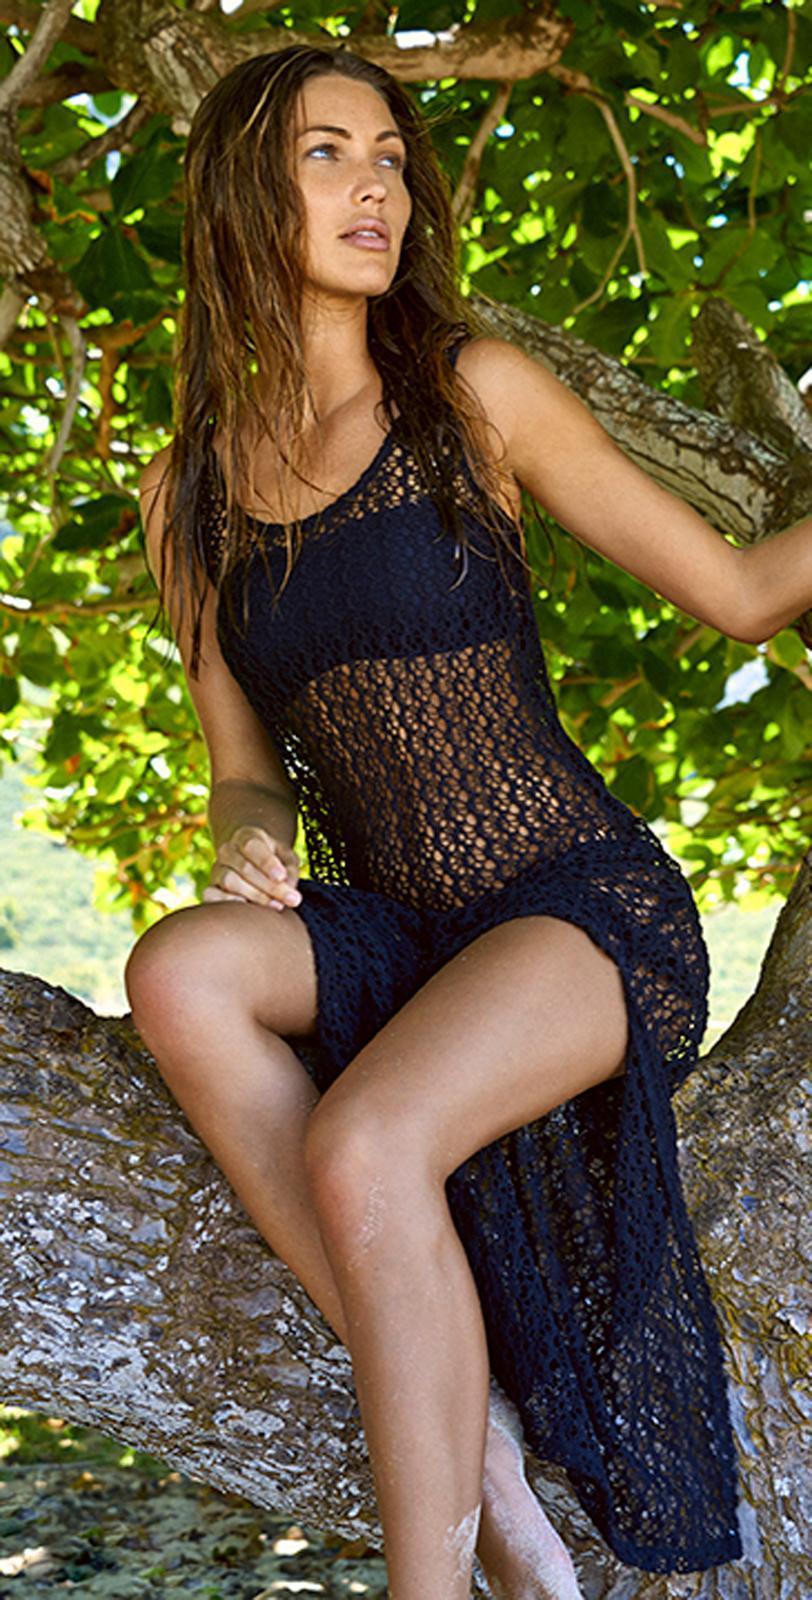 326d2cb20de6 Women Sexy Beach Dress 2016 Summer Style Net Yarn Hollow Out Maxi ...